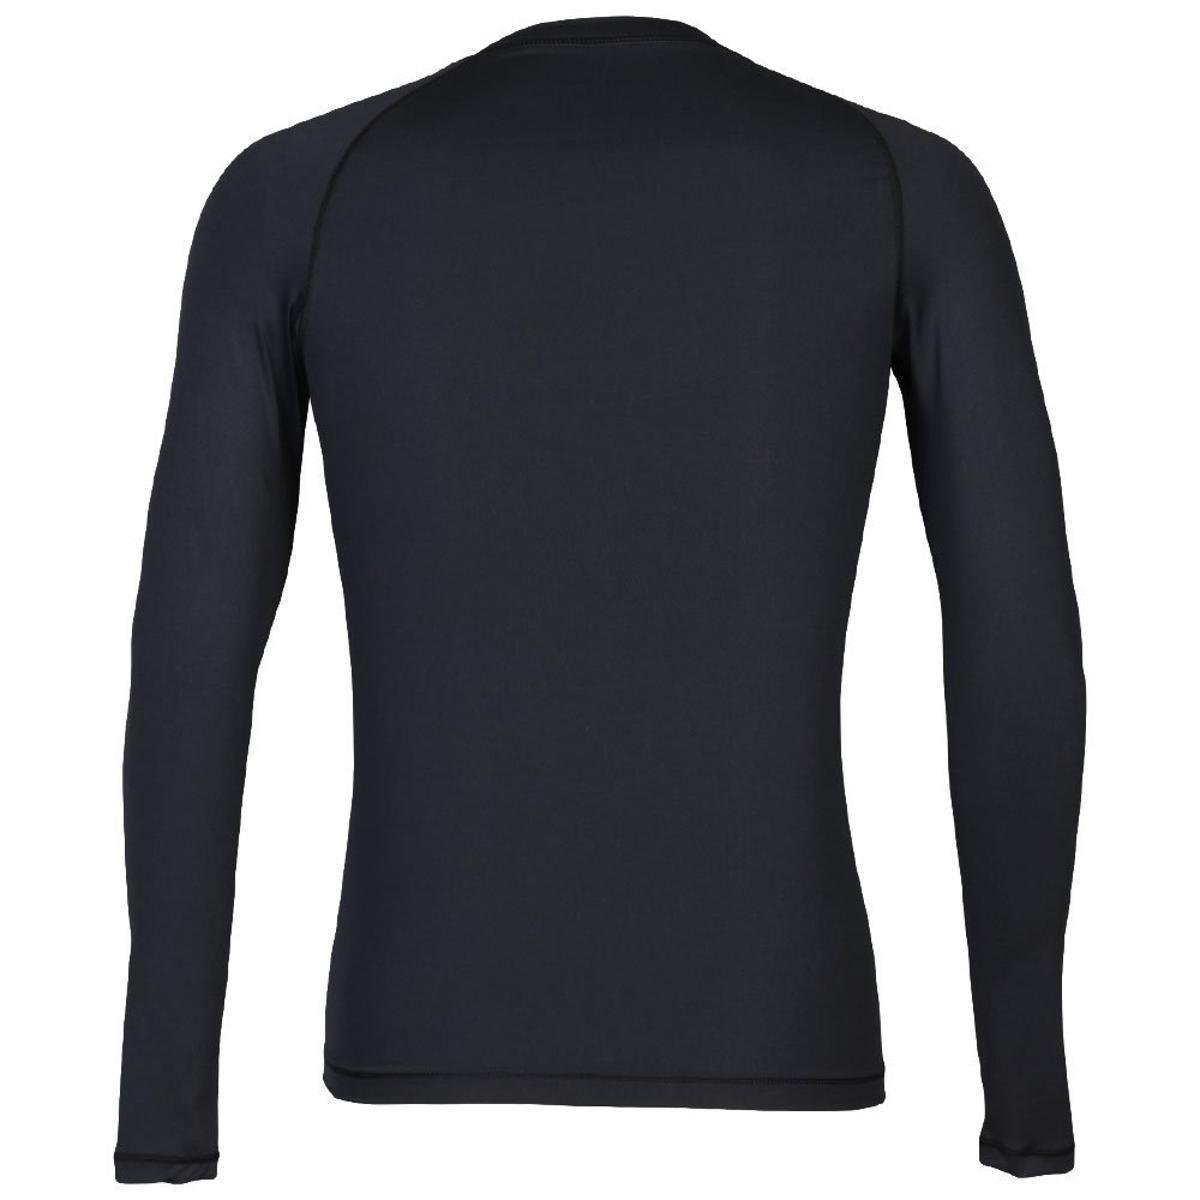 Camiseta Umbro Masculina Térmica TWR Graphic - Compre Agora  51c76f6ab390e